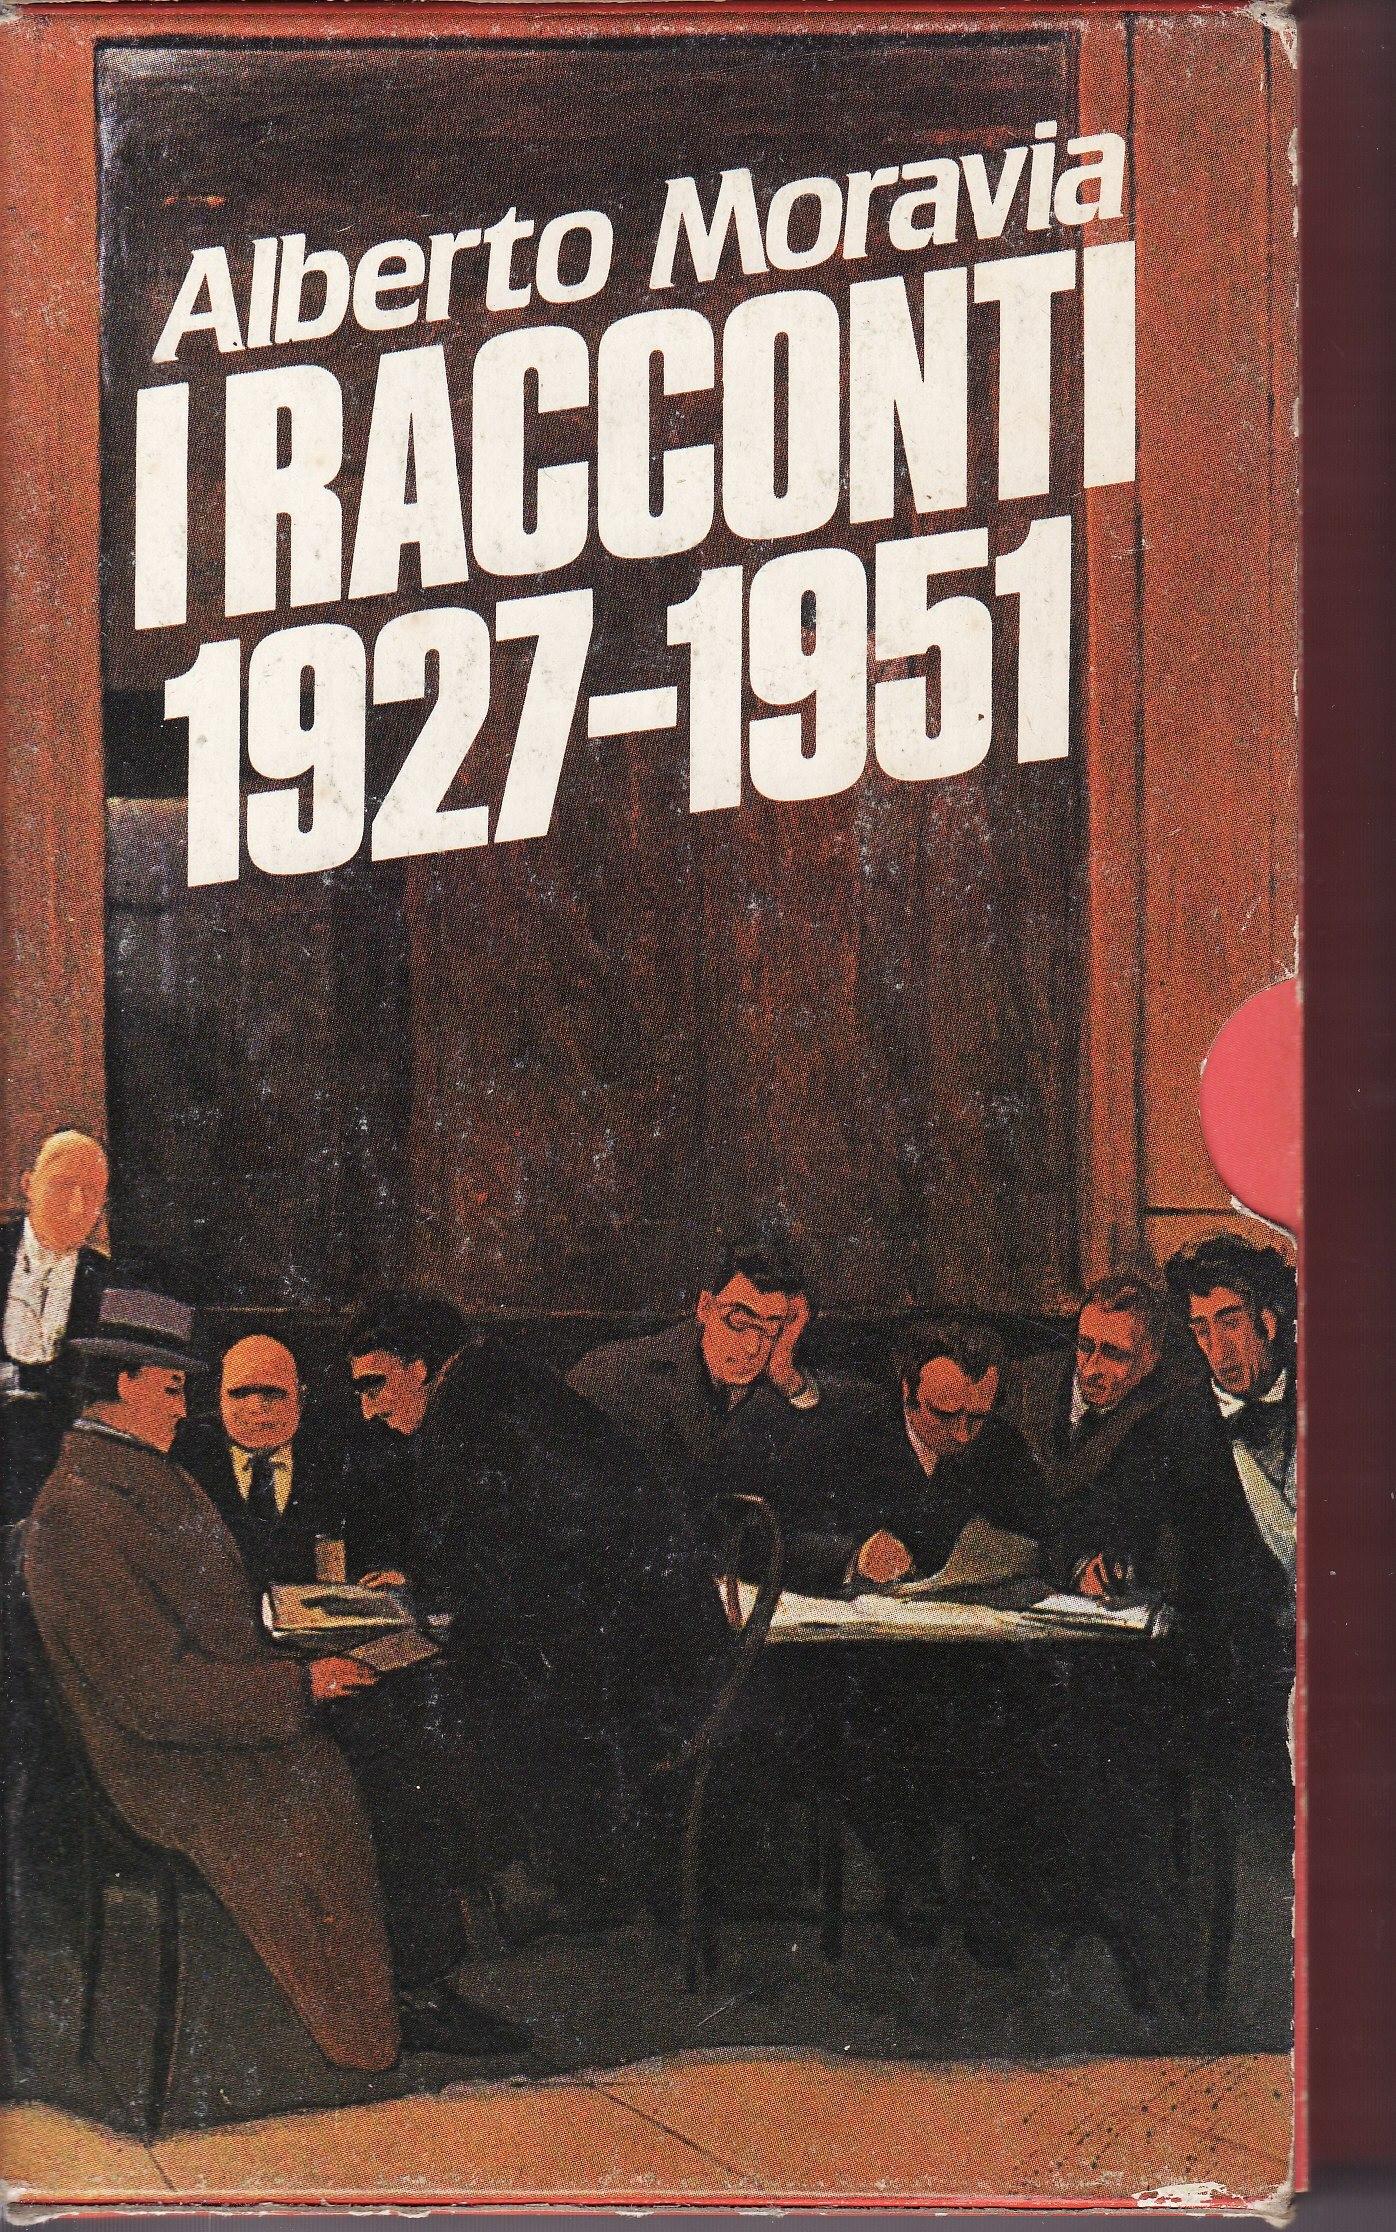 I racconti (1927-1951)